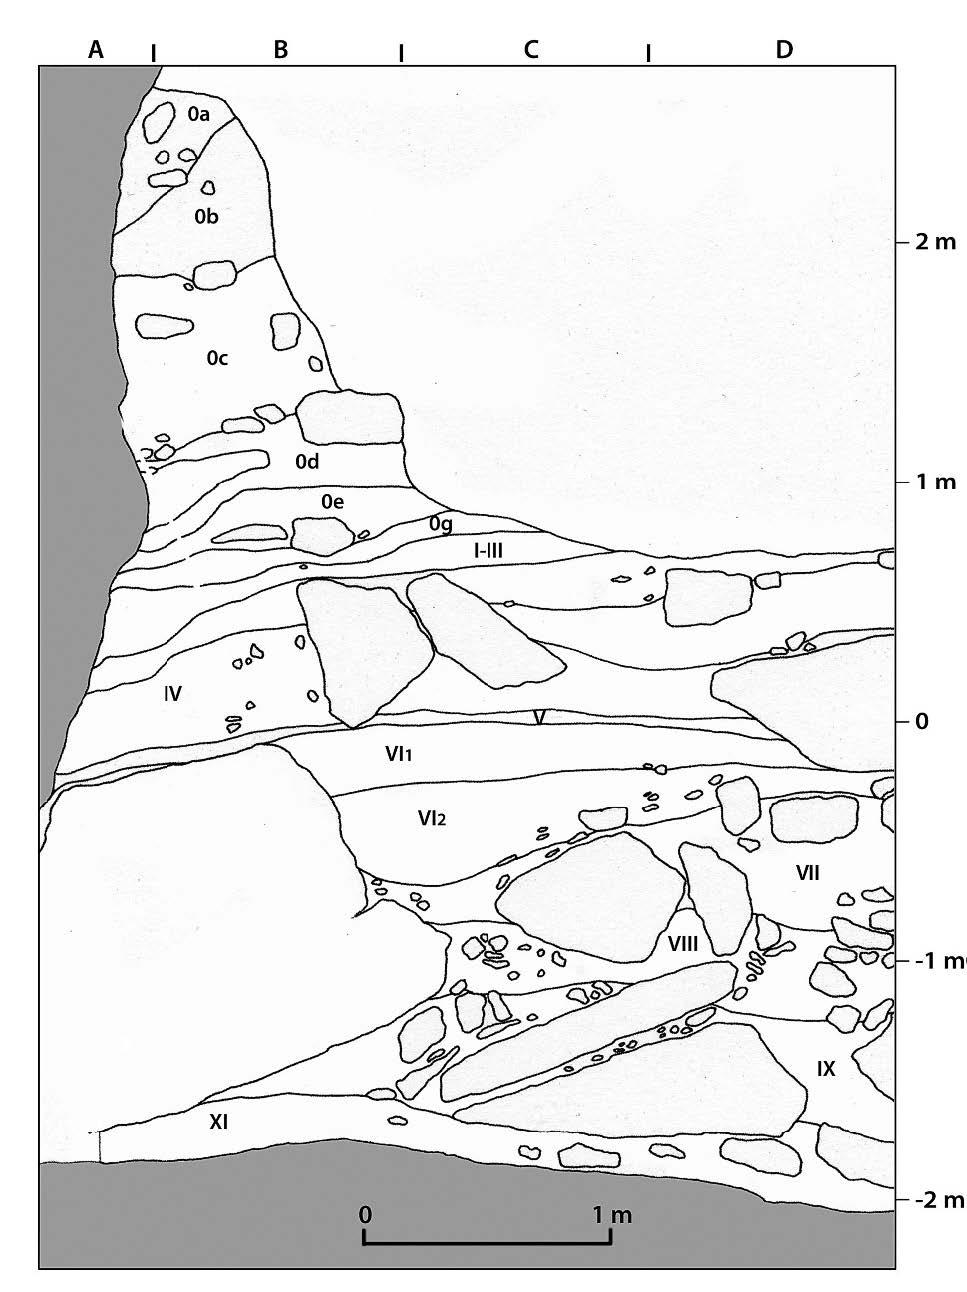 Pourquoi la datation radiométrique n'est-elle pas utile pour dater des roches sédimentaires rencontres dans cercle d'amis